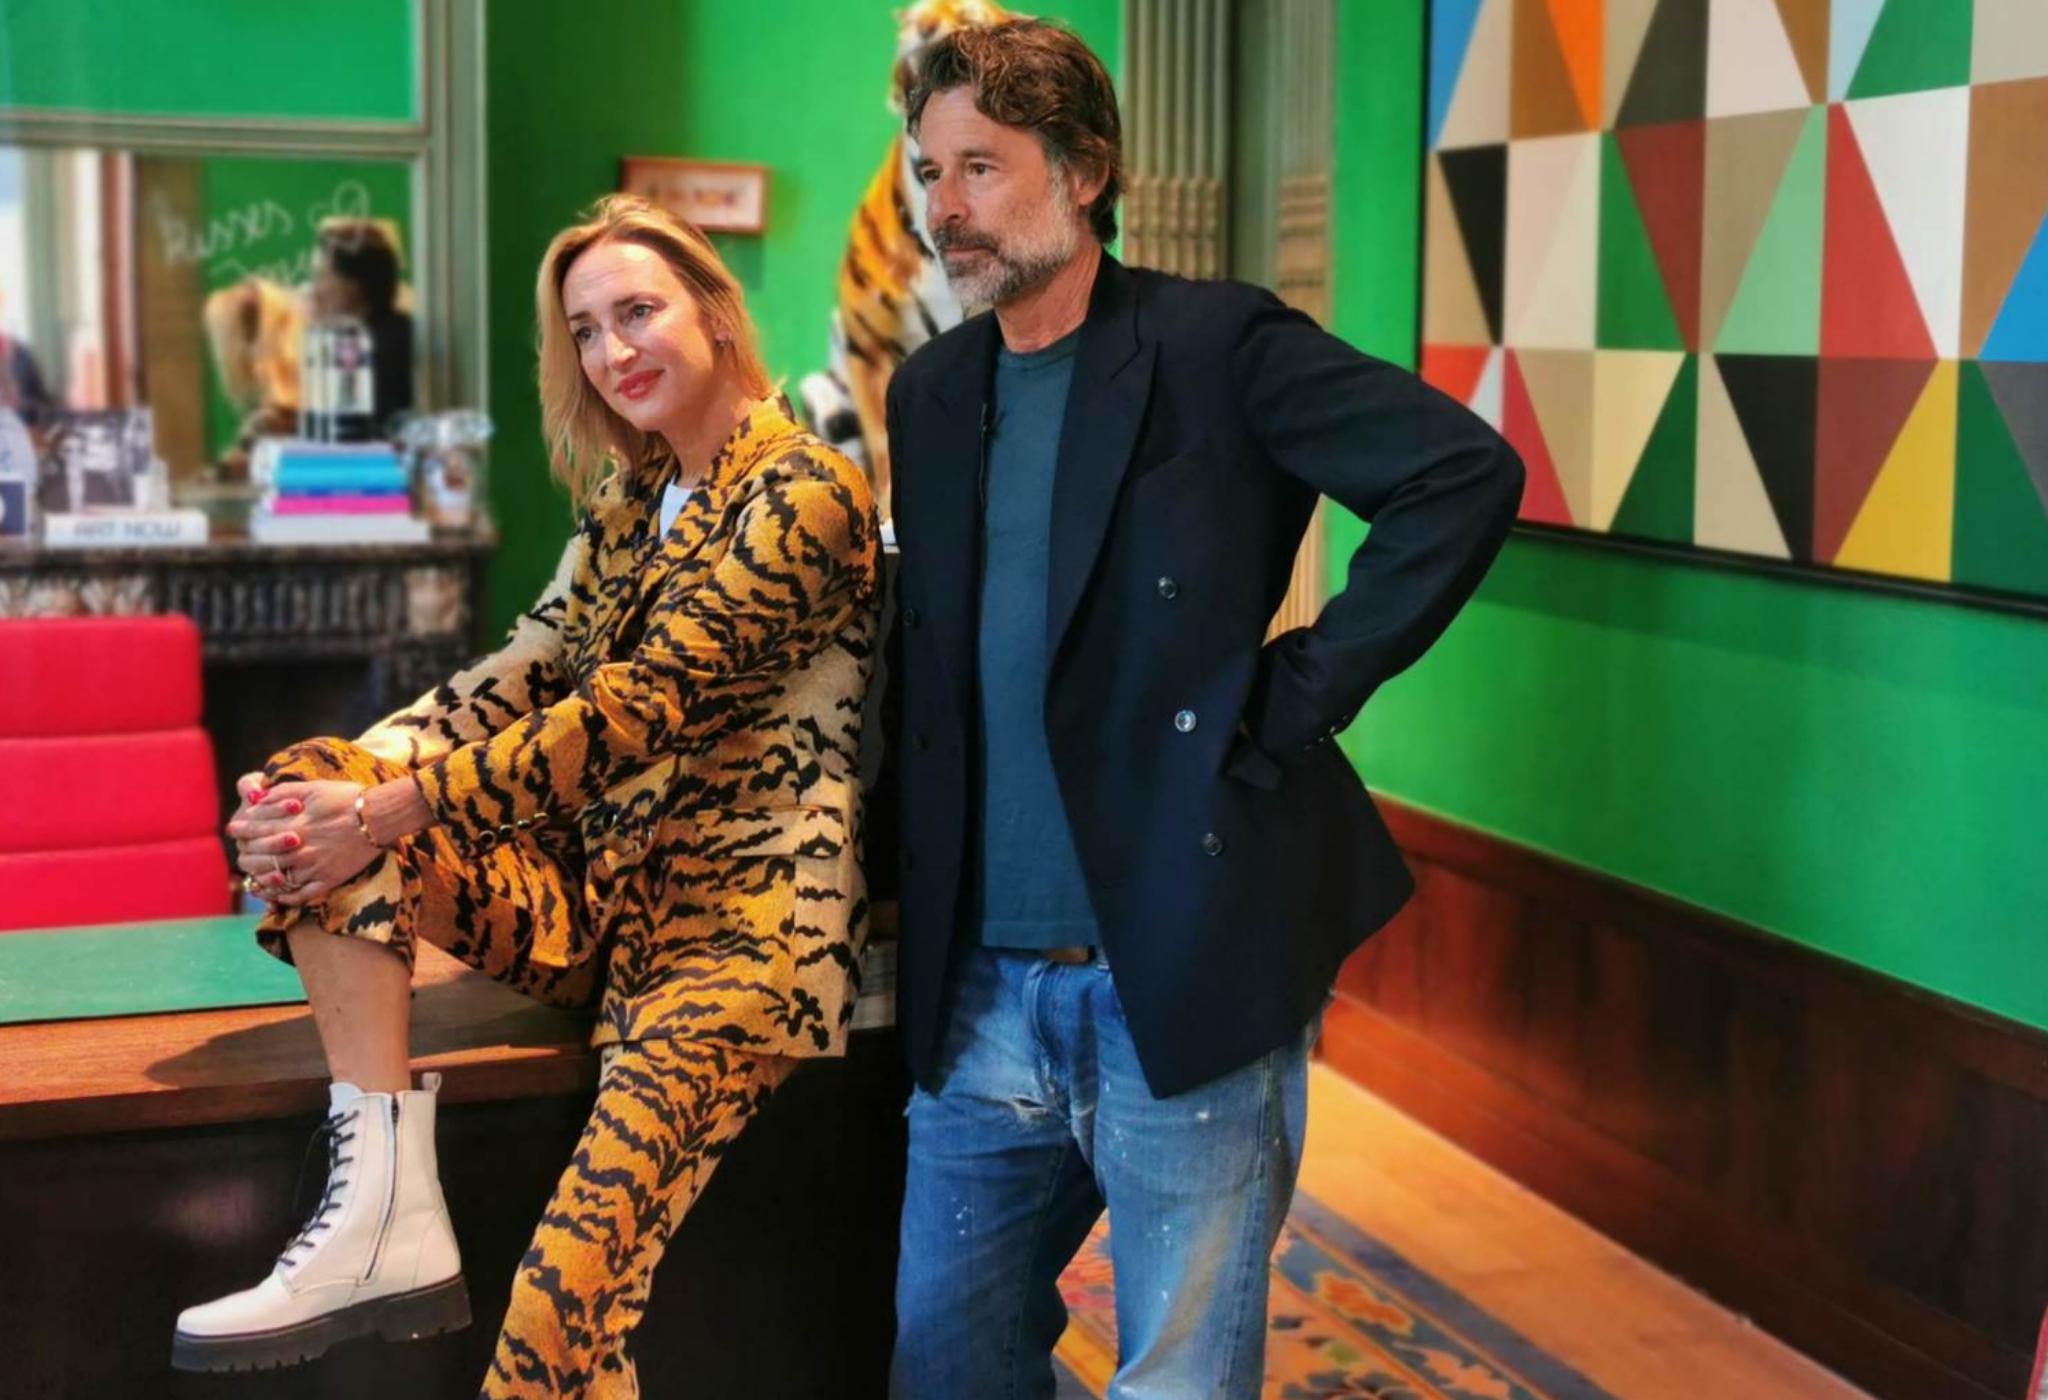 Inge Onsea y Esfan Eghtessadi son la pareja fundadora de Essentiel Antwerp, la marca de moda más colorista y vital que viene de Bélgica